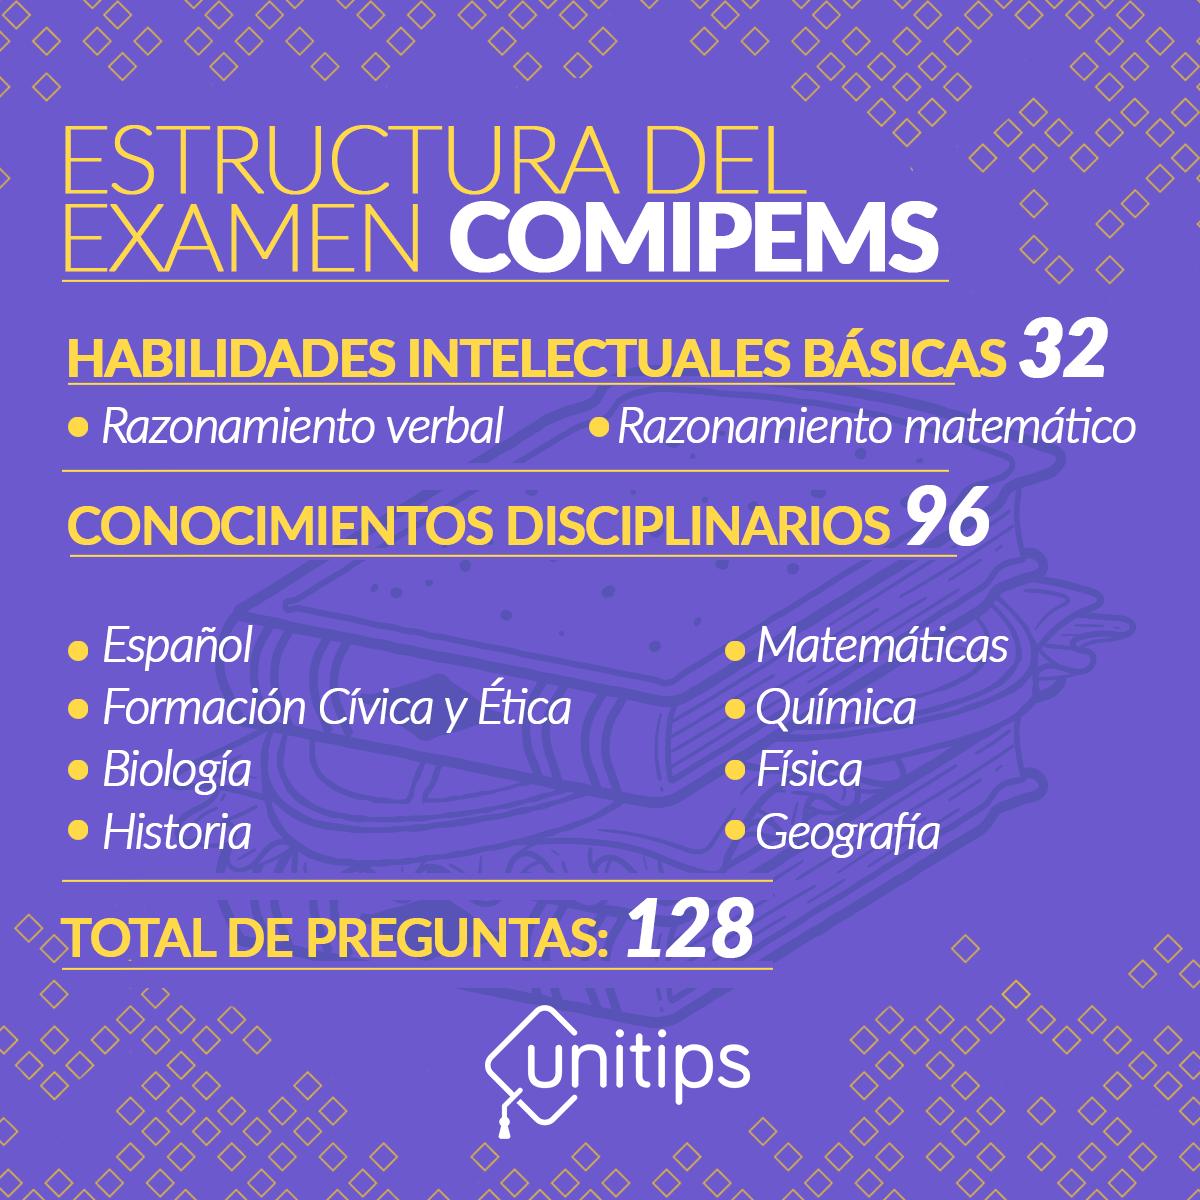 I_Interna_estructura_EXAMEN_COMIPEMS